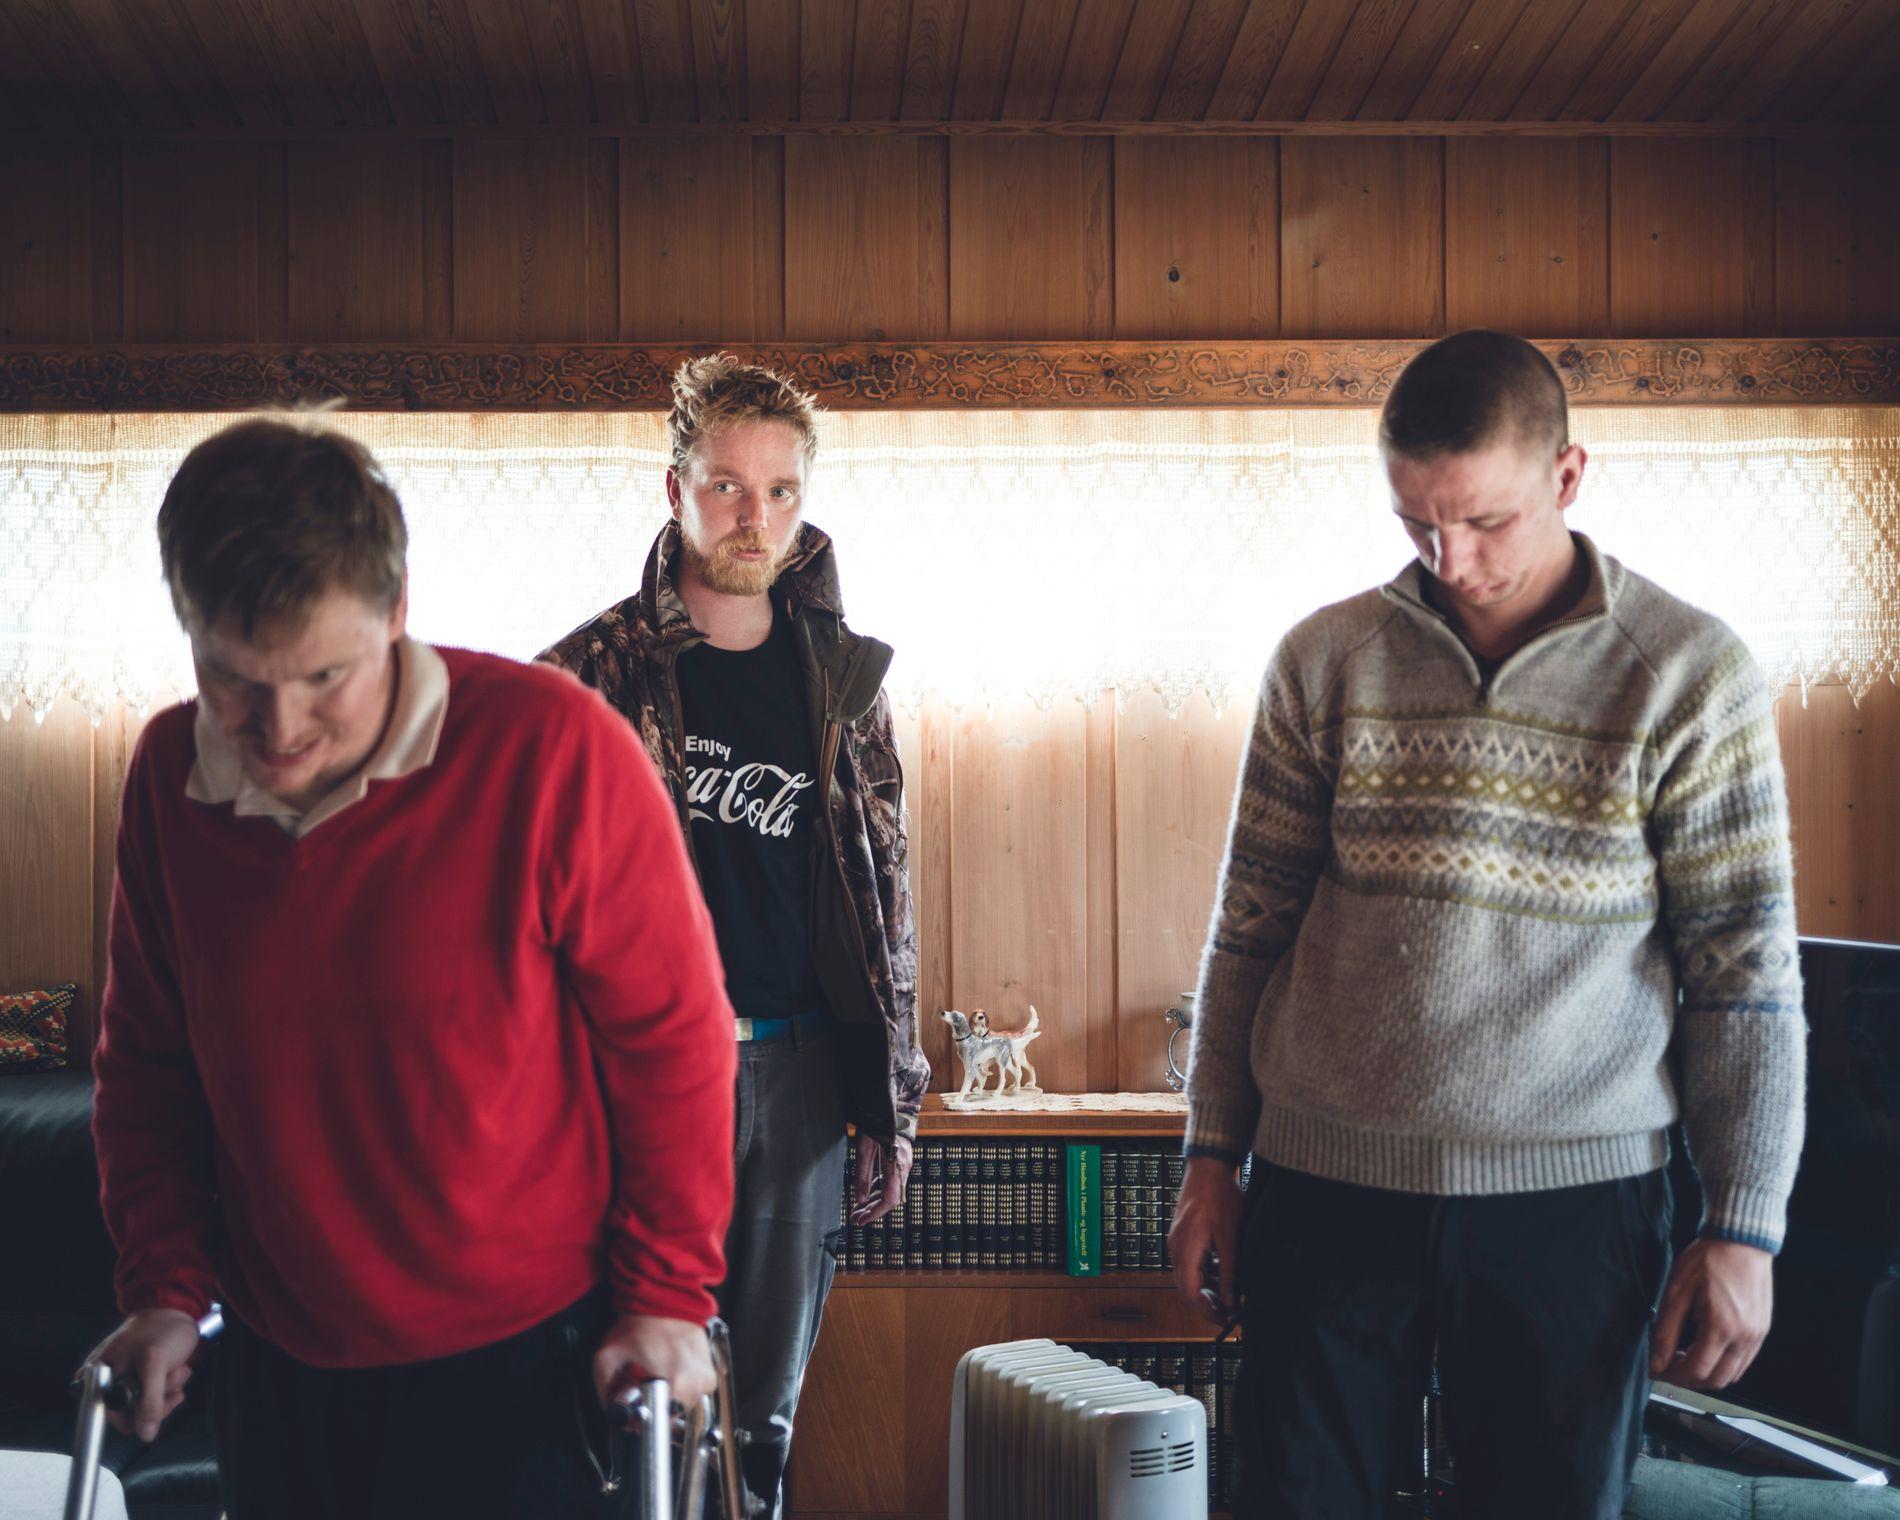 KJEMPET MOT VERGEMÅL: Brødrene (f.v.)  Arvid (32), Lars Peder (35) og Magnus Holøyen (25) ble alle satt under vergemål av Fylkesmannen i Hedmark. Nå er vergemålet opphevet for  Arvid og Lars Peder.